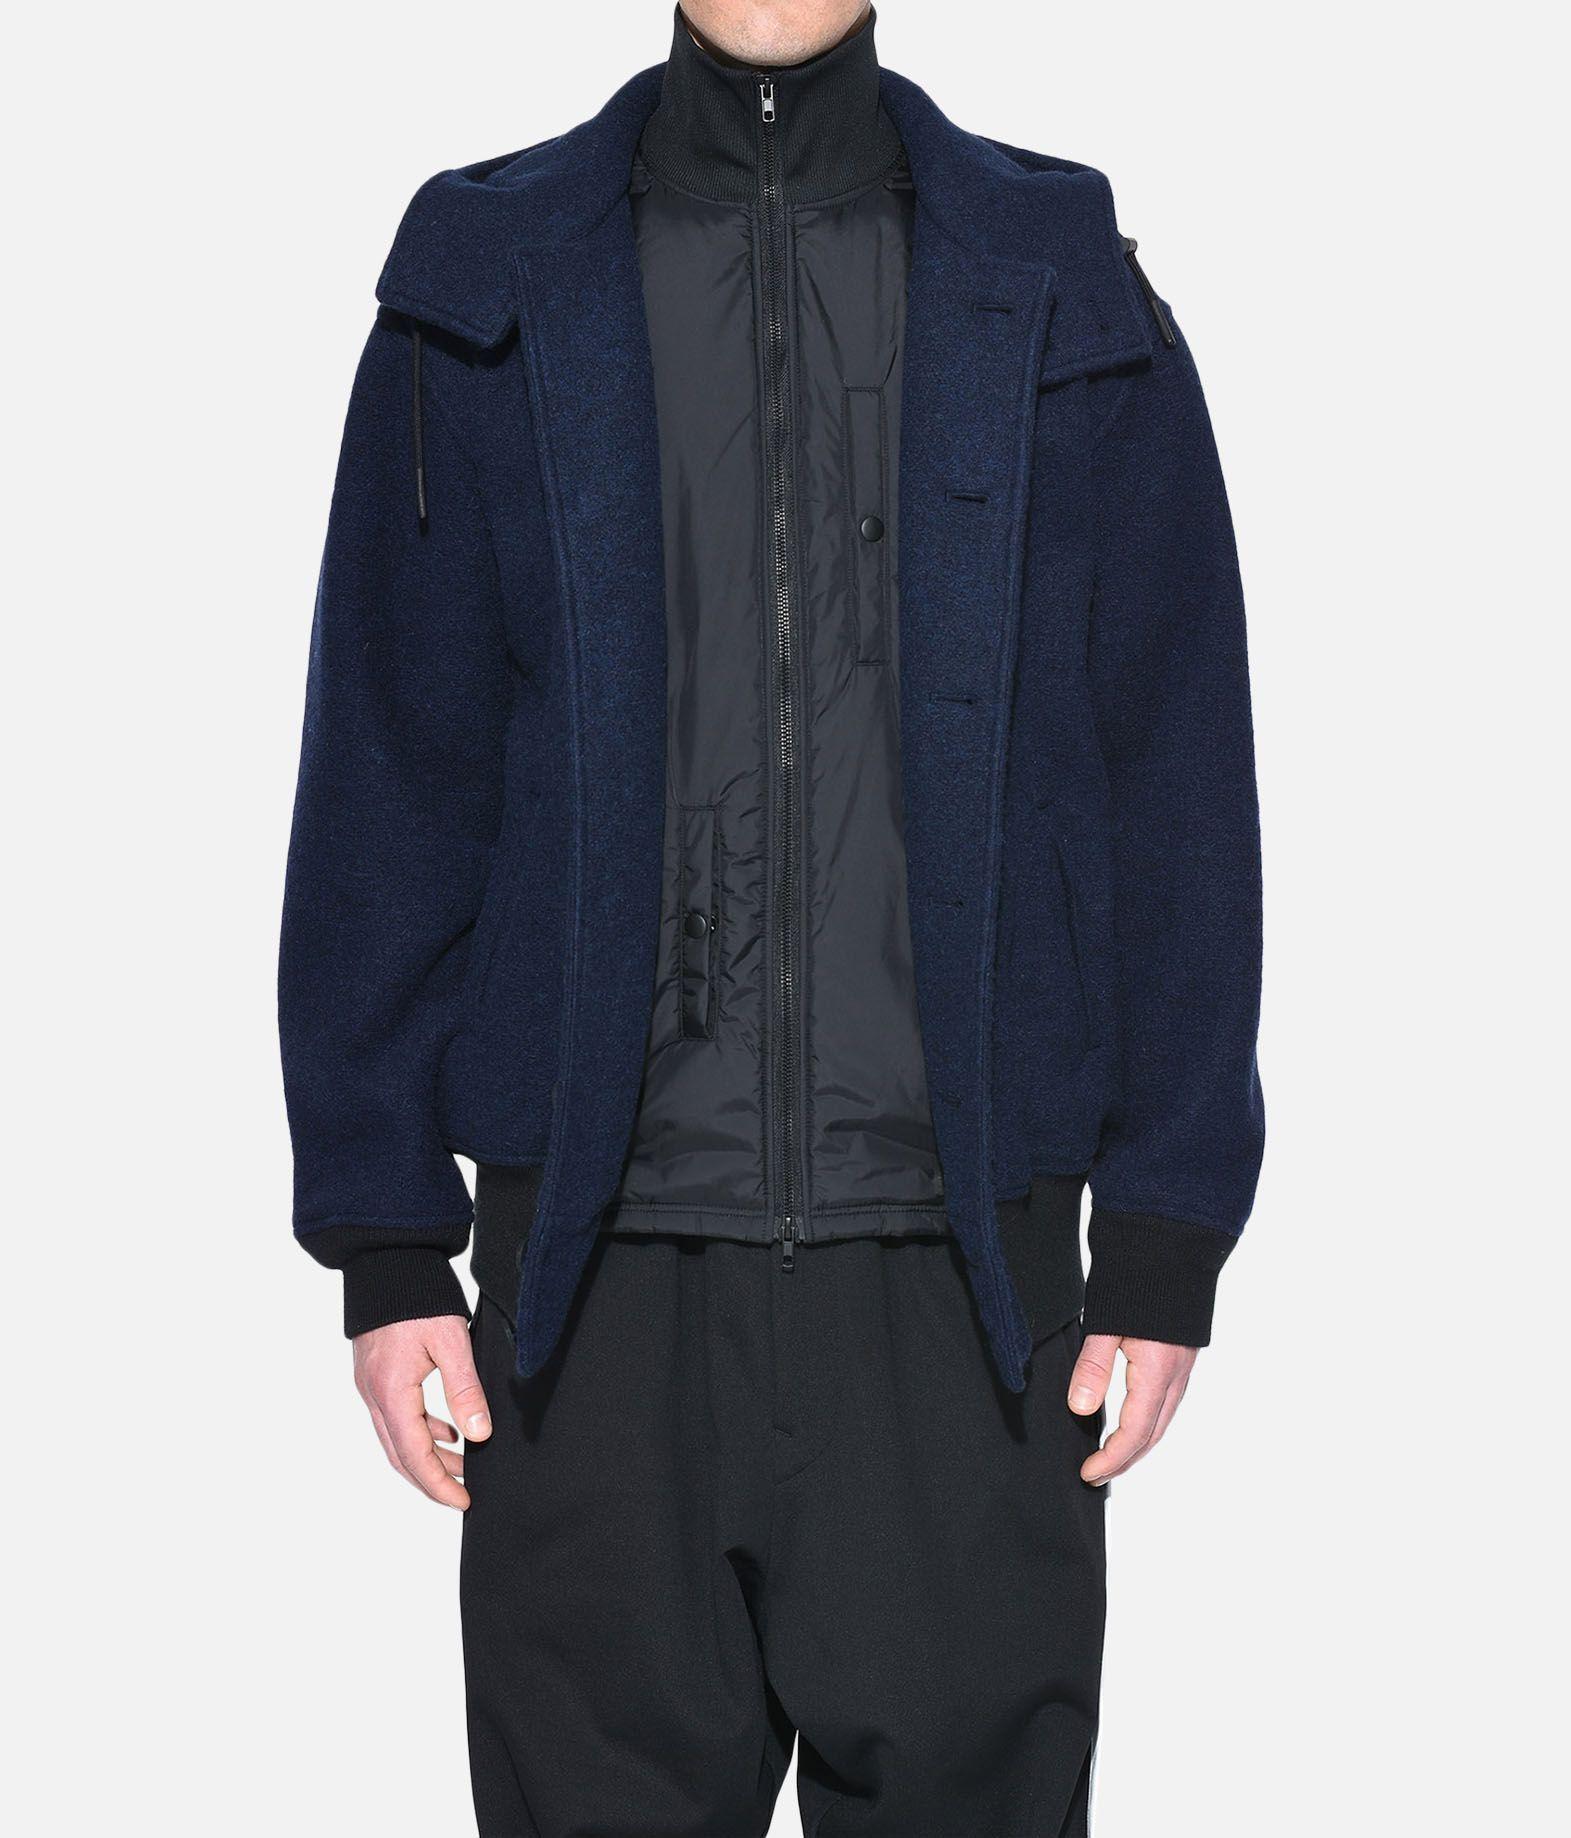 Y-3 Y-3 Wool Jacket フォーマルジャケット メンズ r